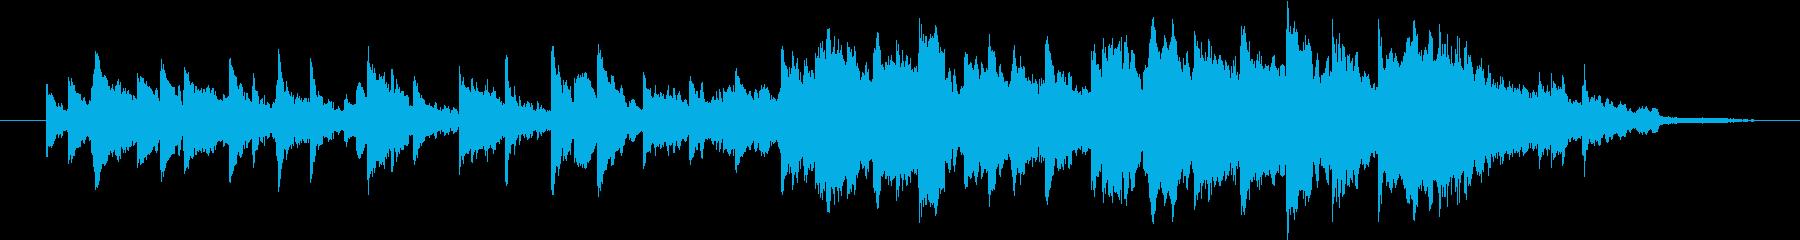 ピアノとストリングスとヴィブラフォンの再生済みの波形